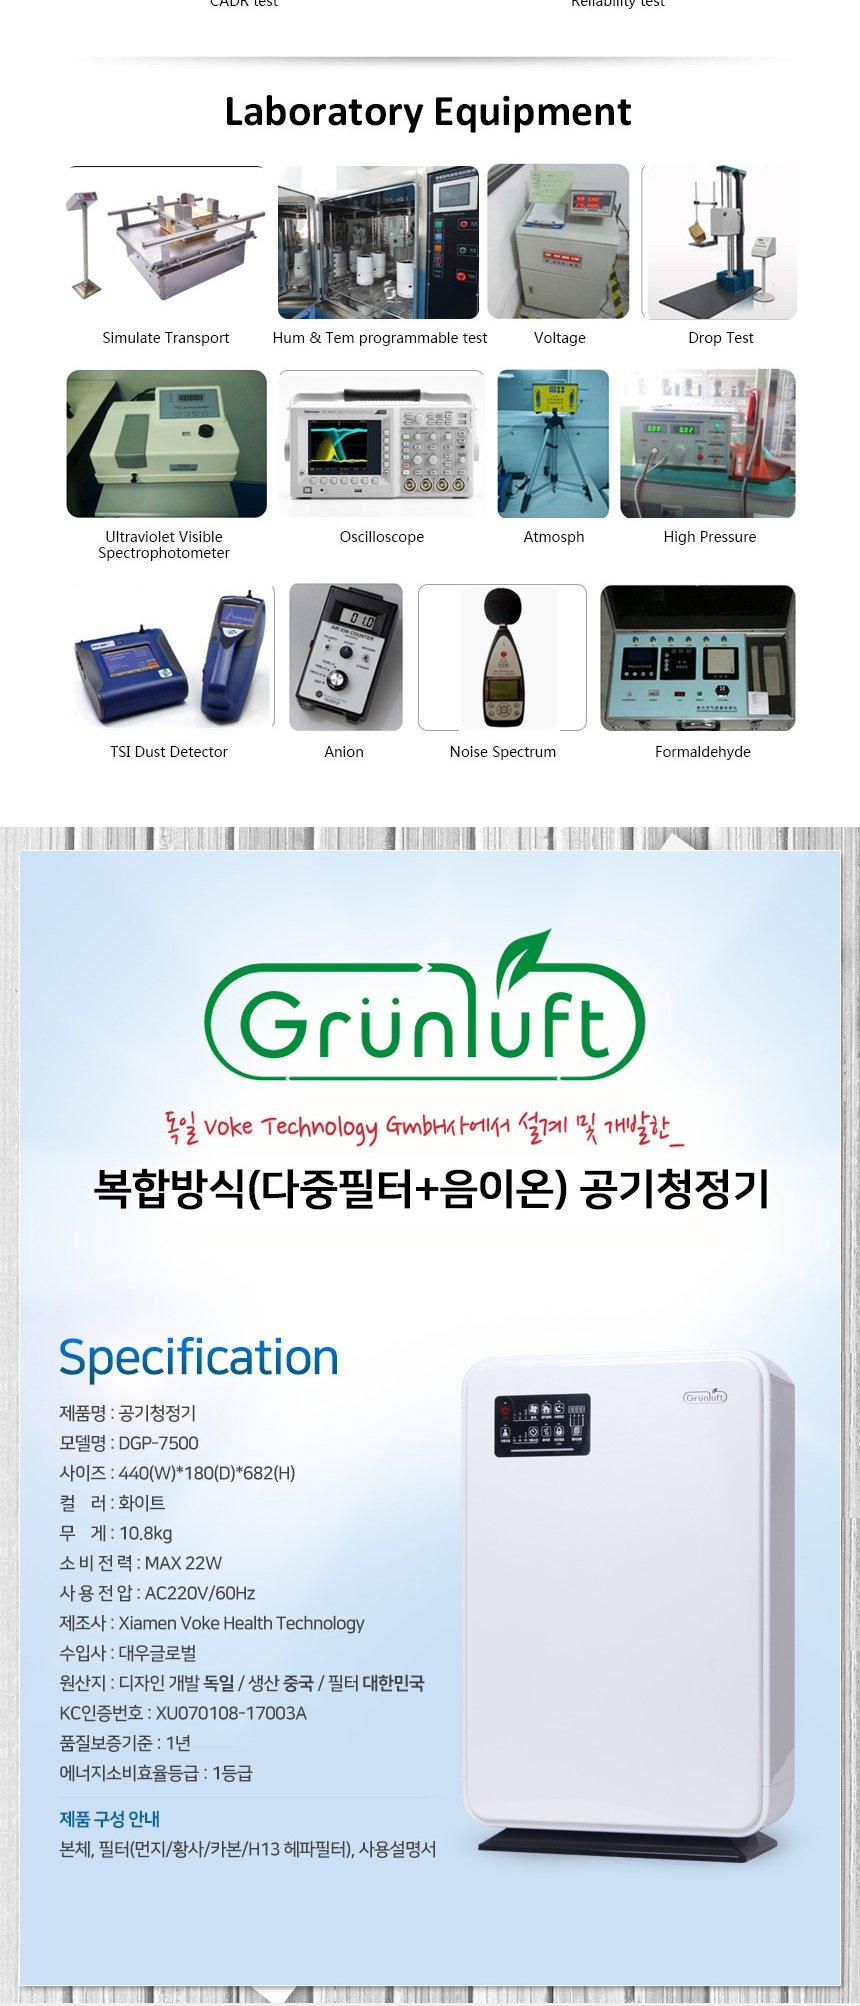 그린루프트 공기청정기 DGP-7500 - 그린루프트, 990,000원, 공기청정기, 공기청정기